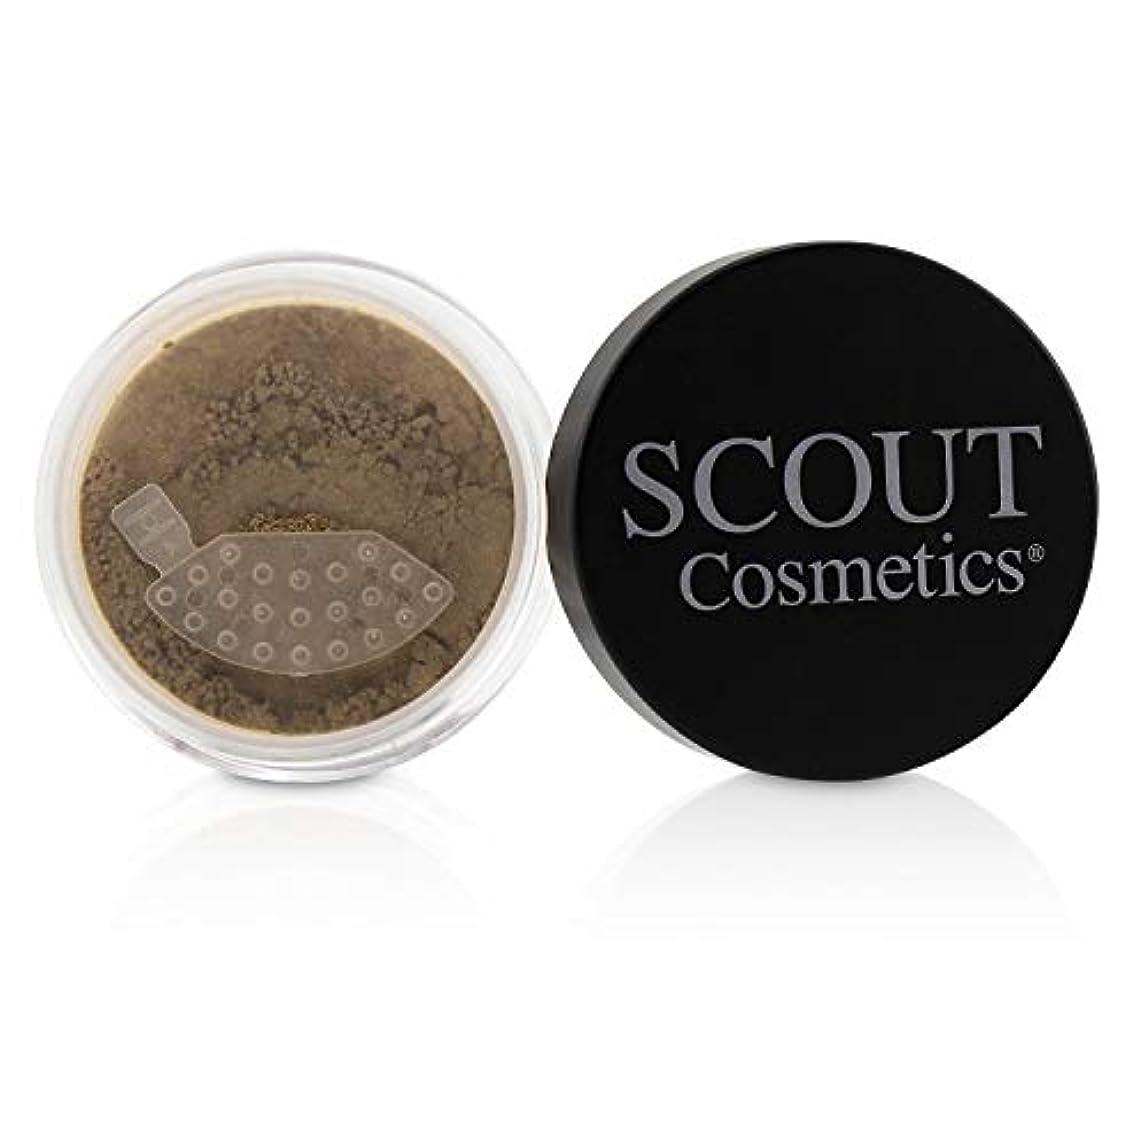 構成するノミネート揃えるSCOUT Cosmetics Mineral Powder Foundation SPF 20 - # Almond 8g/0.28oz並行輸入品